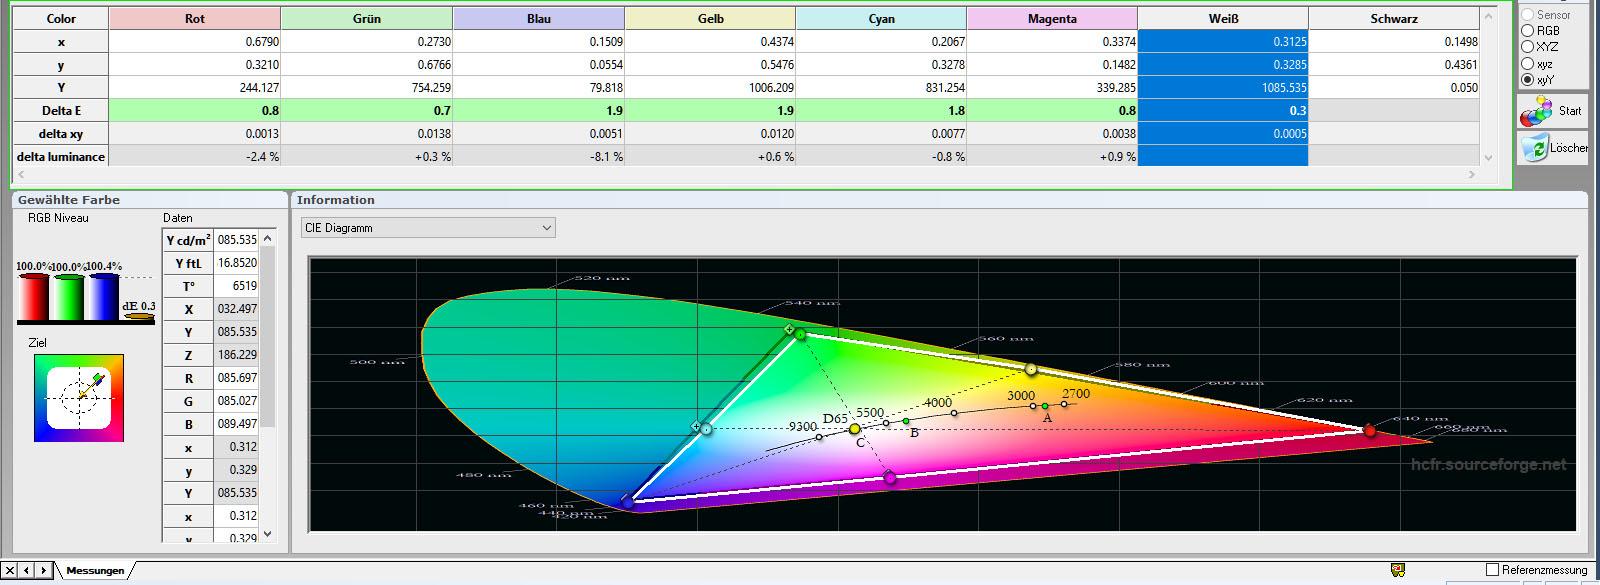 """HDR-Farbraum: Nach der Kalibrierung des """"BT.2020""""-Farbprofils sehen alle Primär- und Sekundärfarben ordentlich aus. Die Delta-E-Werte sind allesamt im grünen Bereich. Obendrein sehen die Farbluminanzen mustergültig aus. Die Farbtemperatur ist mit 6519 Kelvin (D65) absolut heimkinotauglich."""